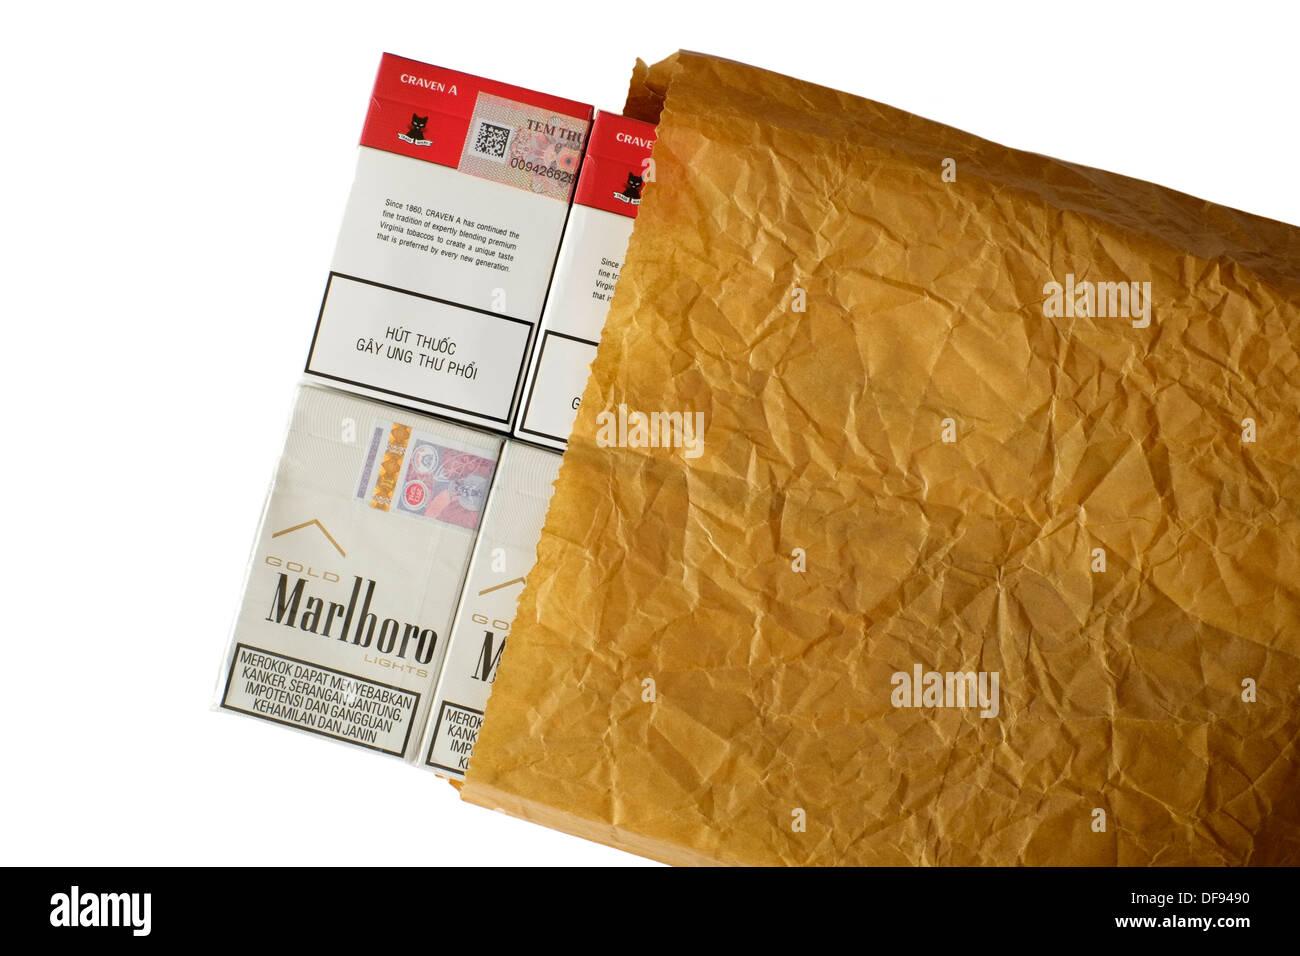 Much carton Bond cigarettes Canada